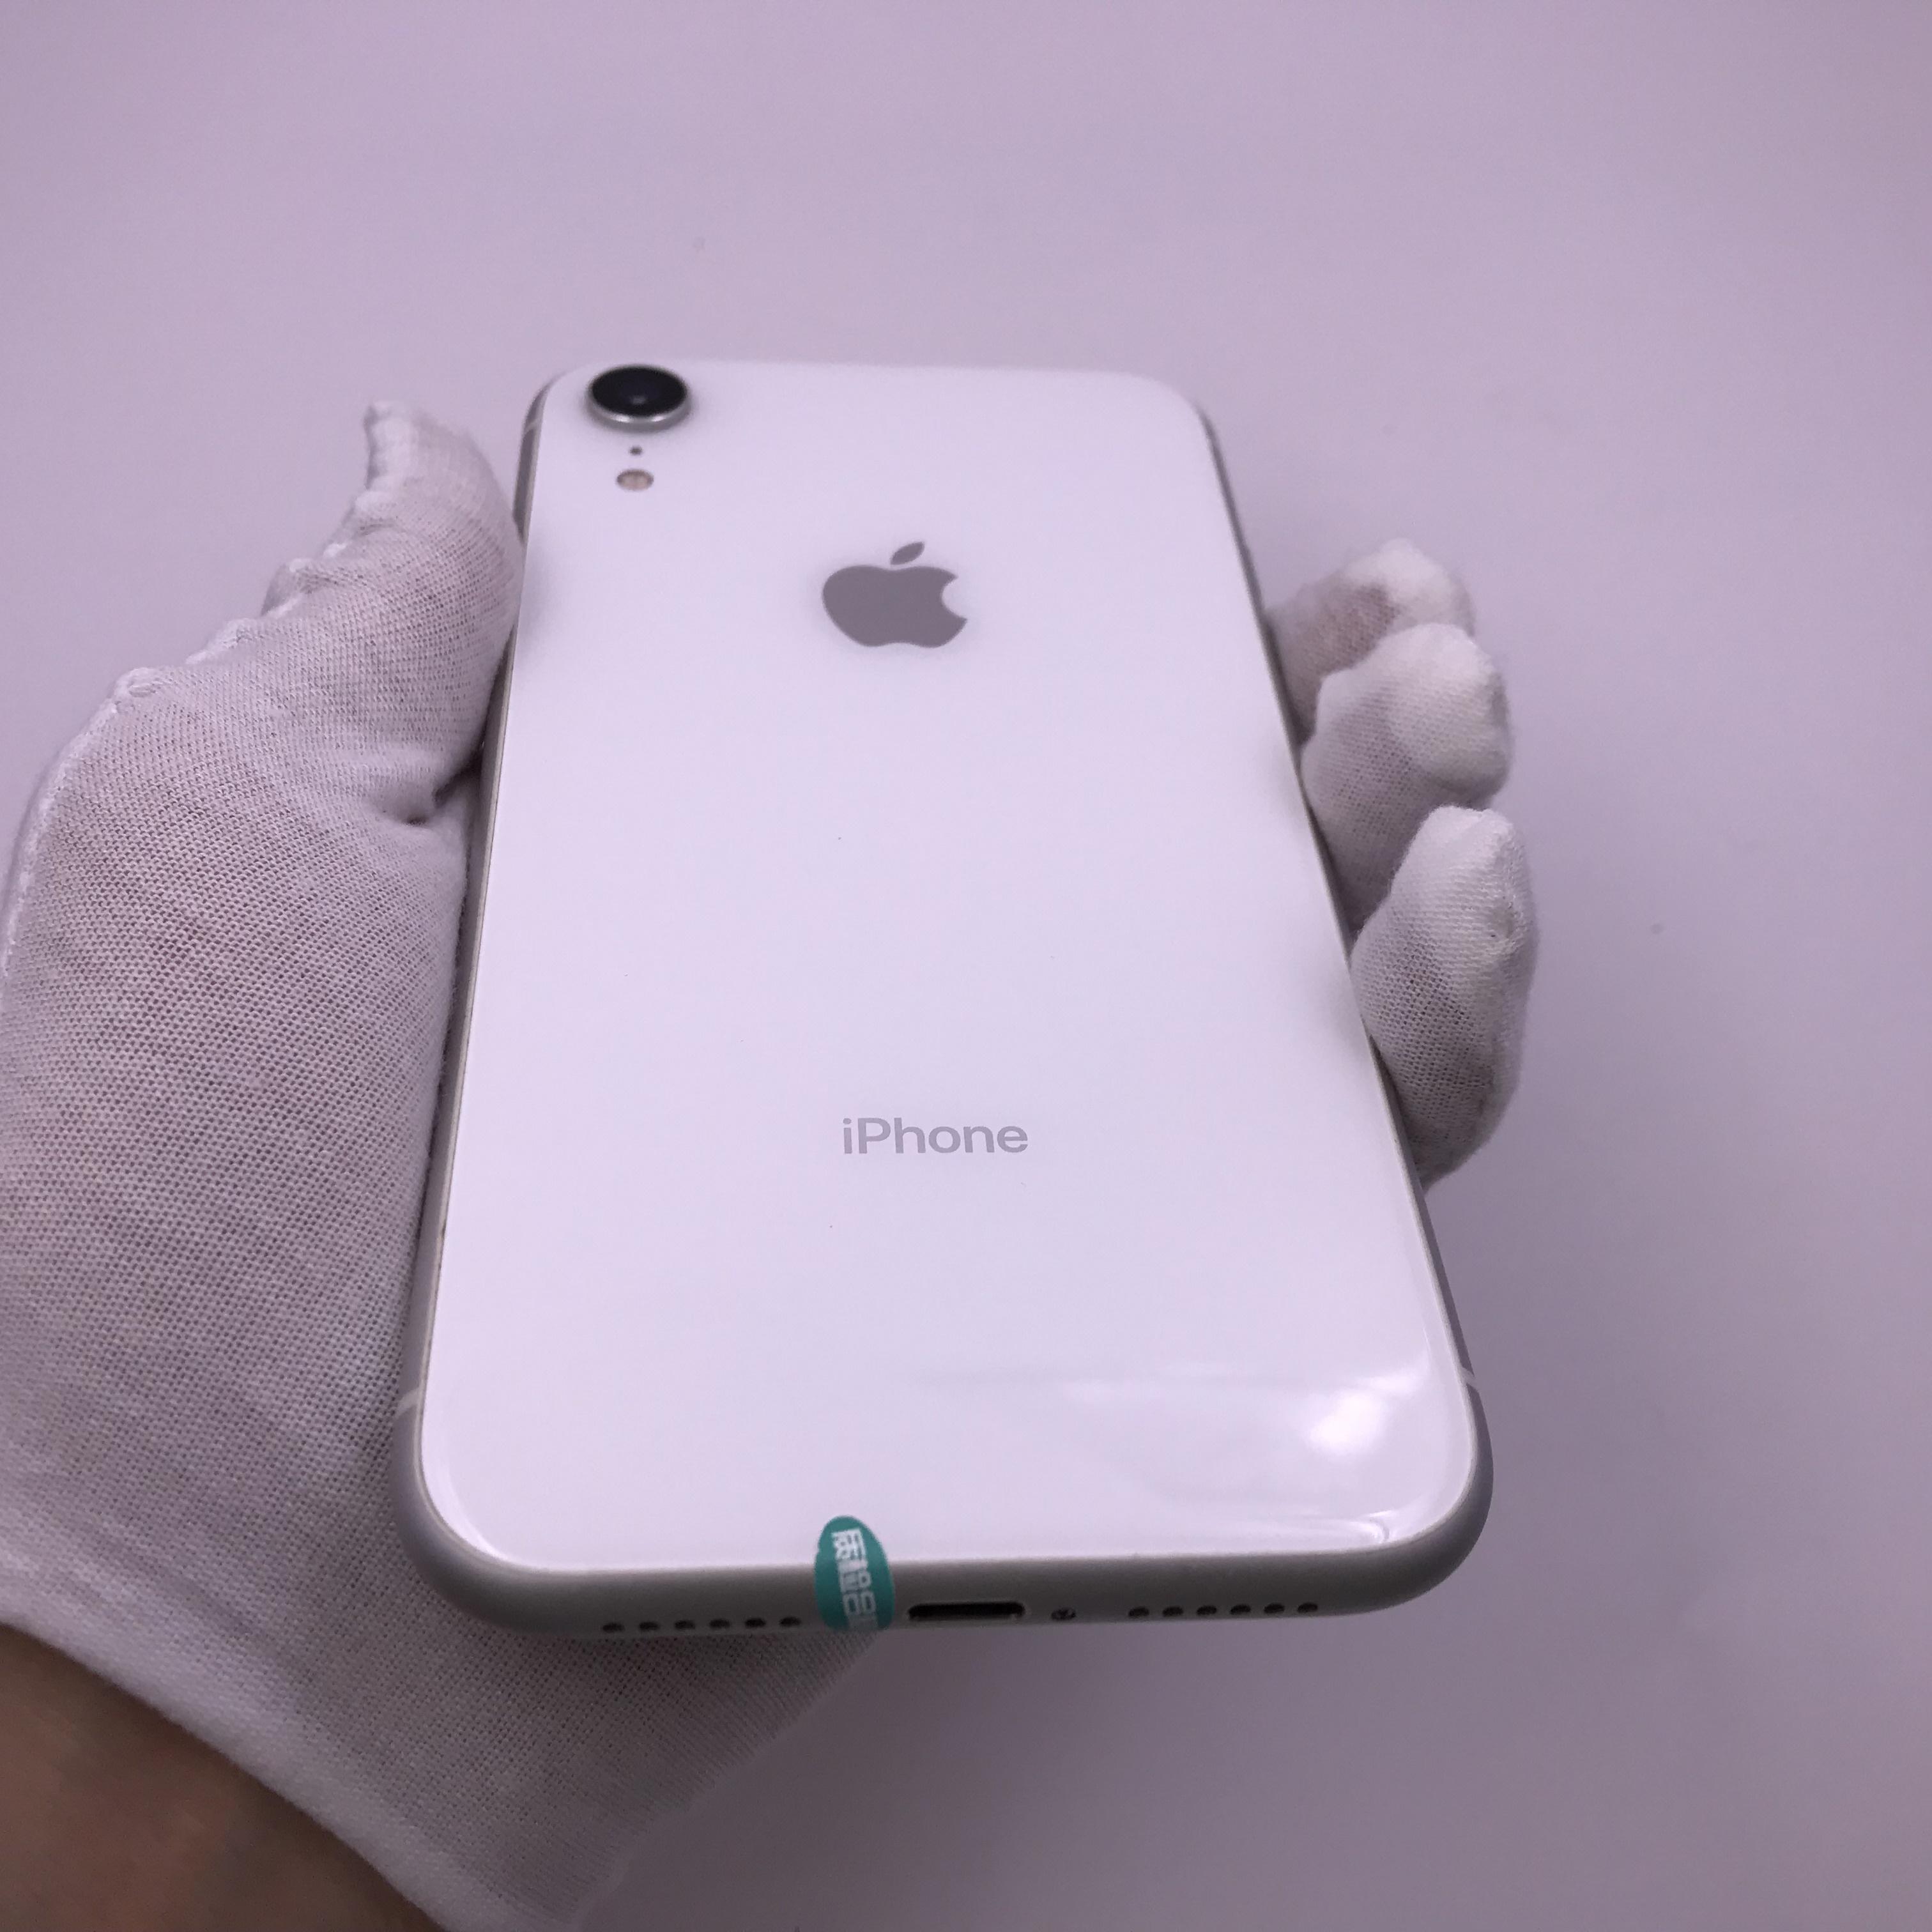 苹果【iPhone XR】移动联通 4G/3G/2G 白色 128G 国际版 95新